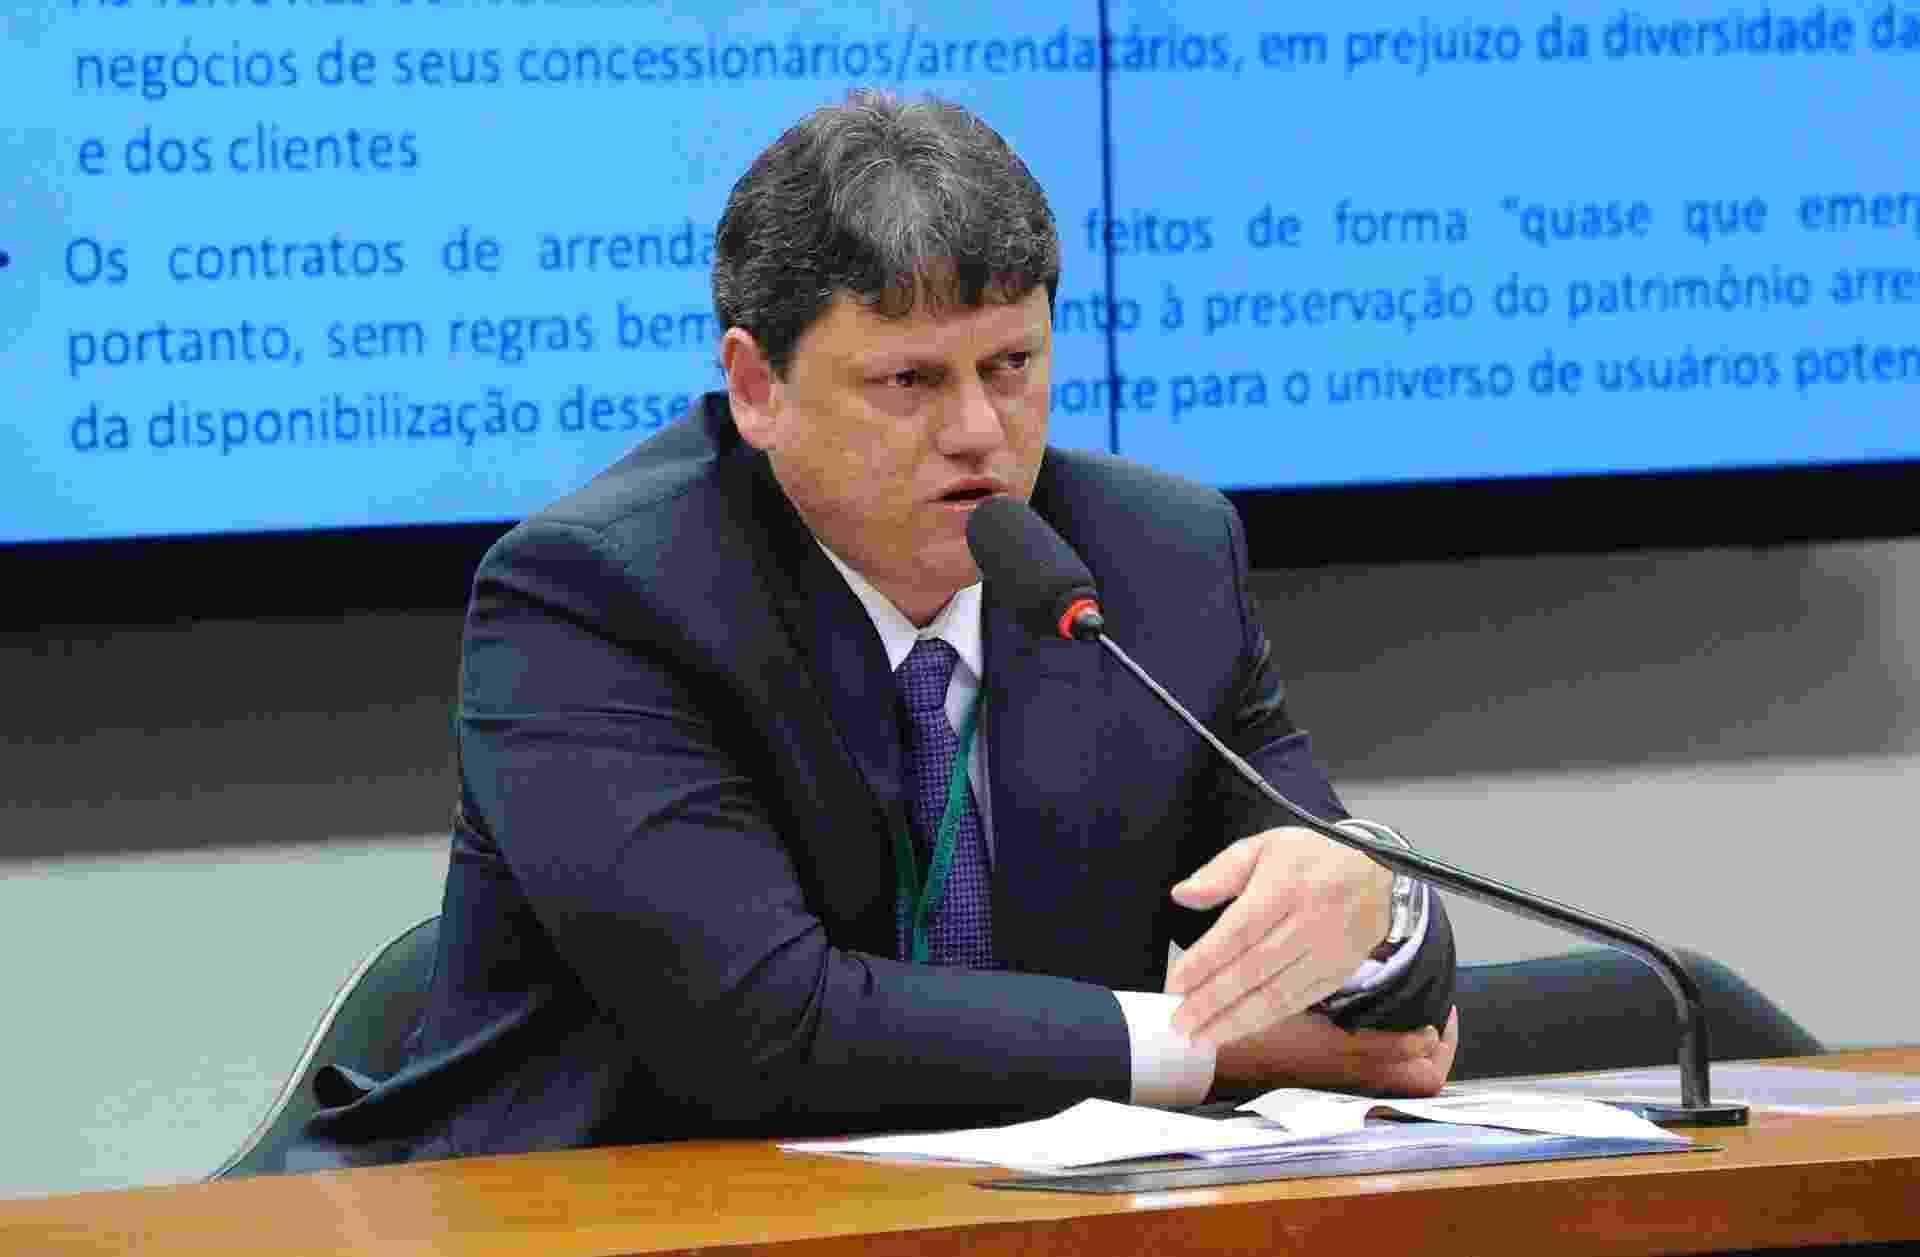 Consultor legislativo Tarcisio Gomes de Freitas - Luis Macedo/Câmara dos Deputados